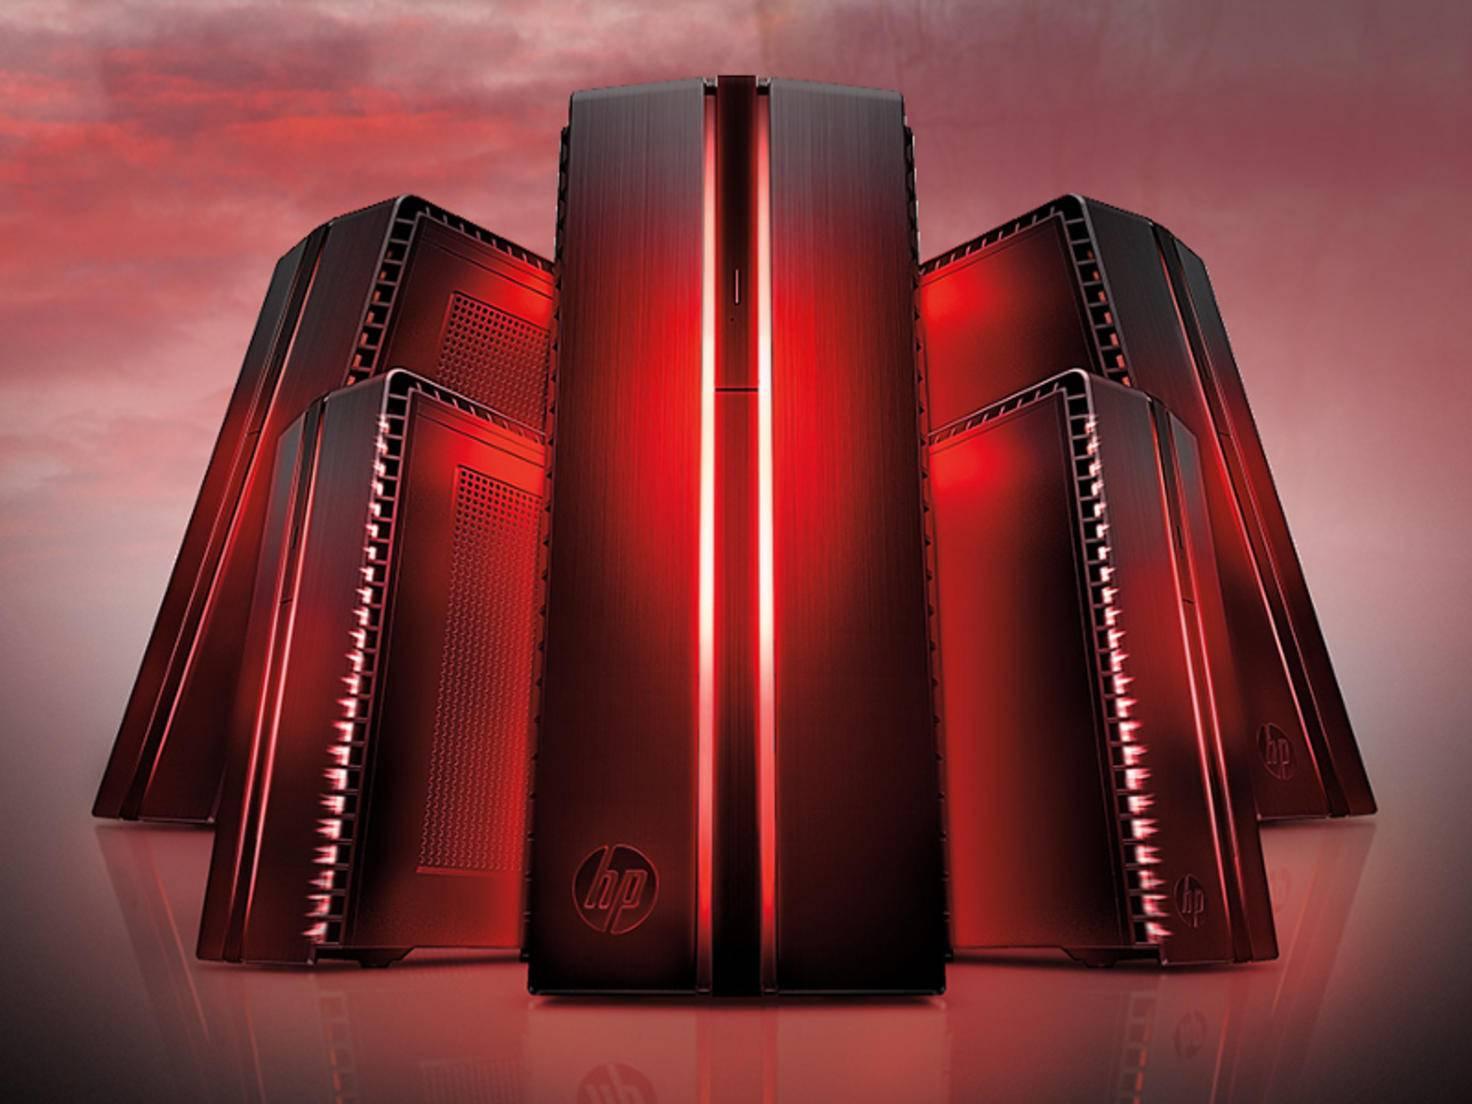 HP_Envy_Phoenix_HTC